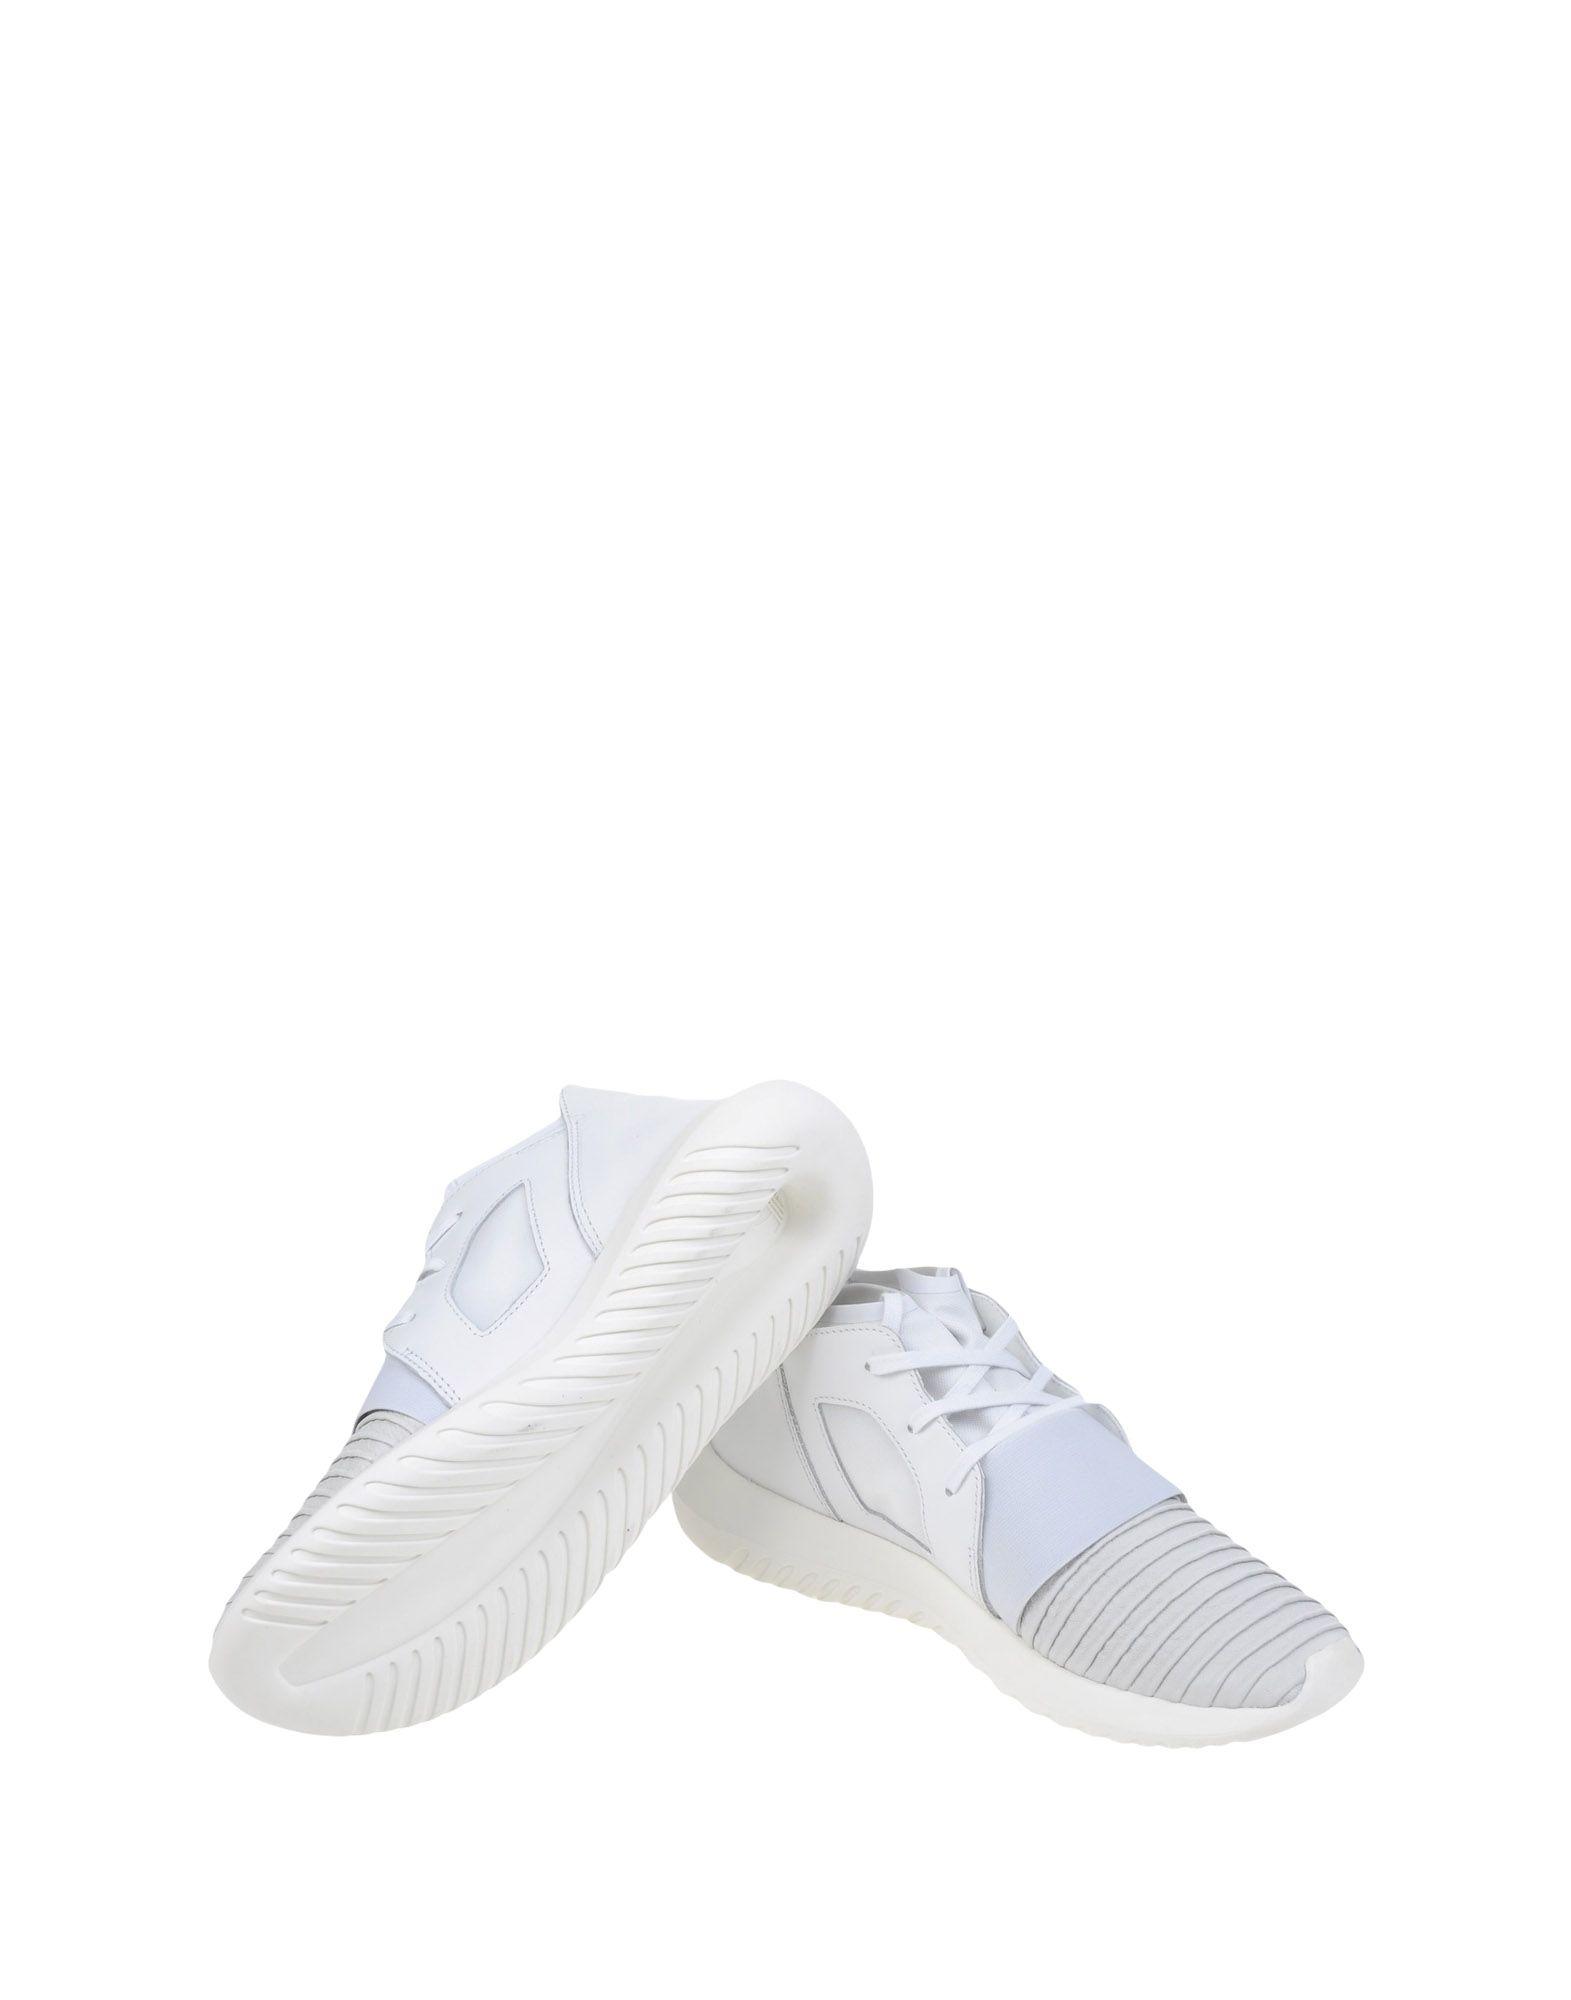 Adidas Originals Tubular Defiant W Gute  11122236AR Gute W Qualität beliebte Schuhe a47d6f